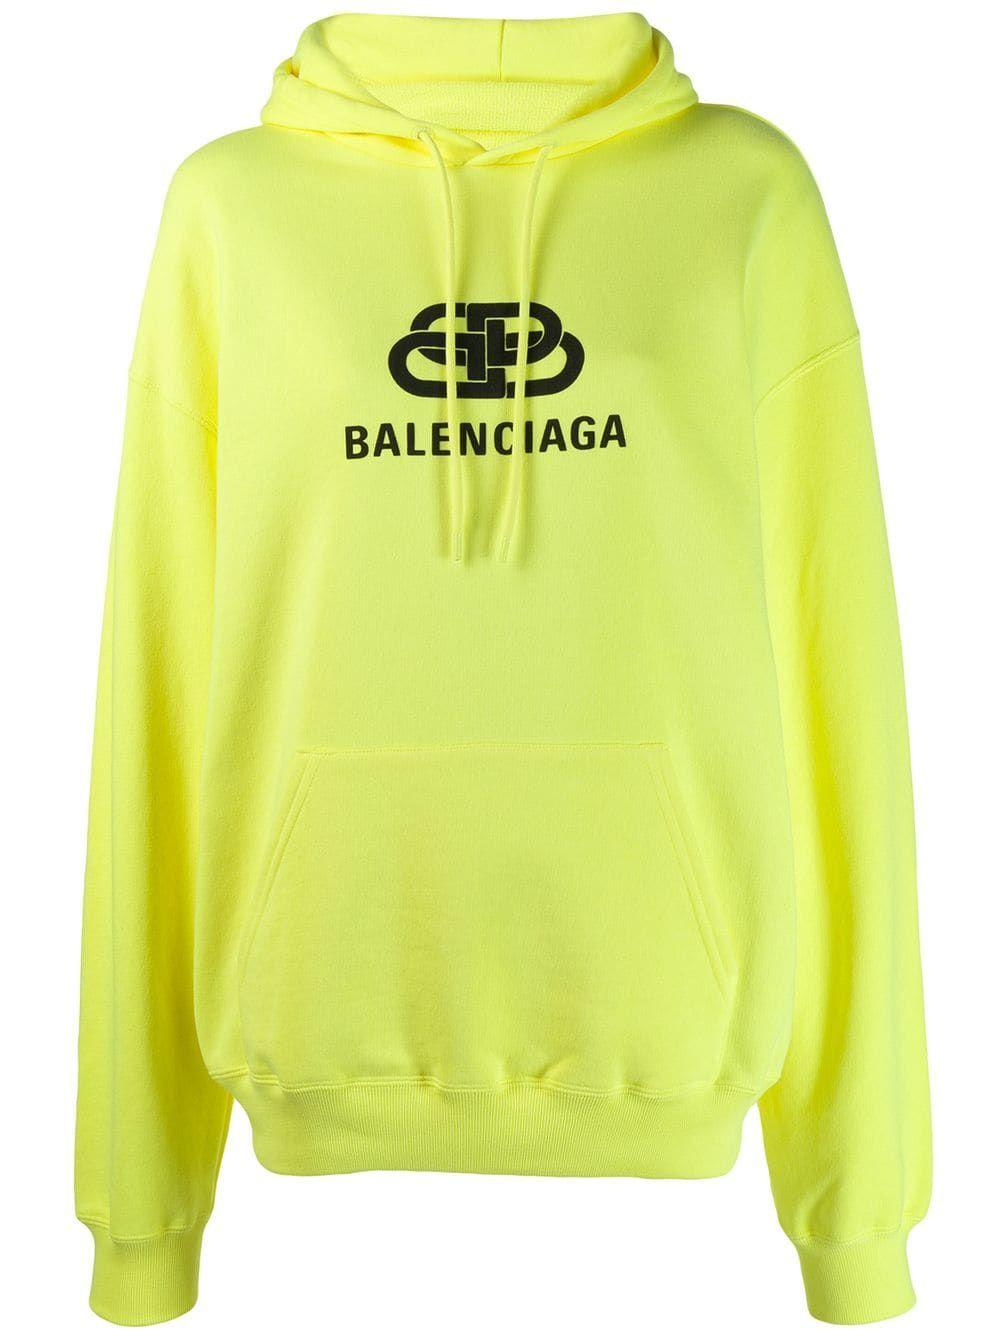 Balenciaga Back Pulled Hoodie Yellow In 2021 Hoodies Hoodie Design Vlone Clothing [ 1334 x 1000 Pixel ]